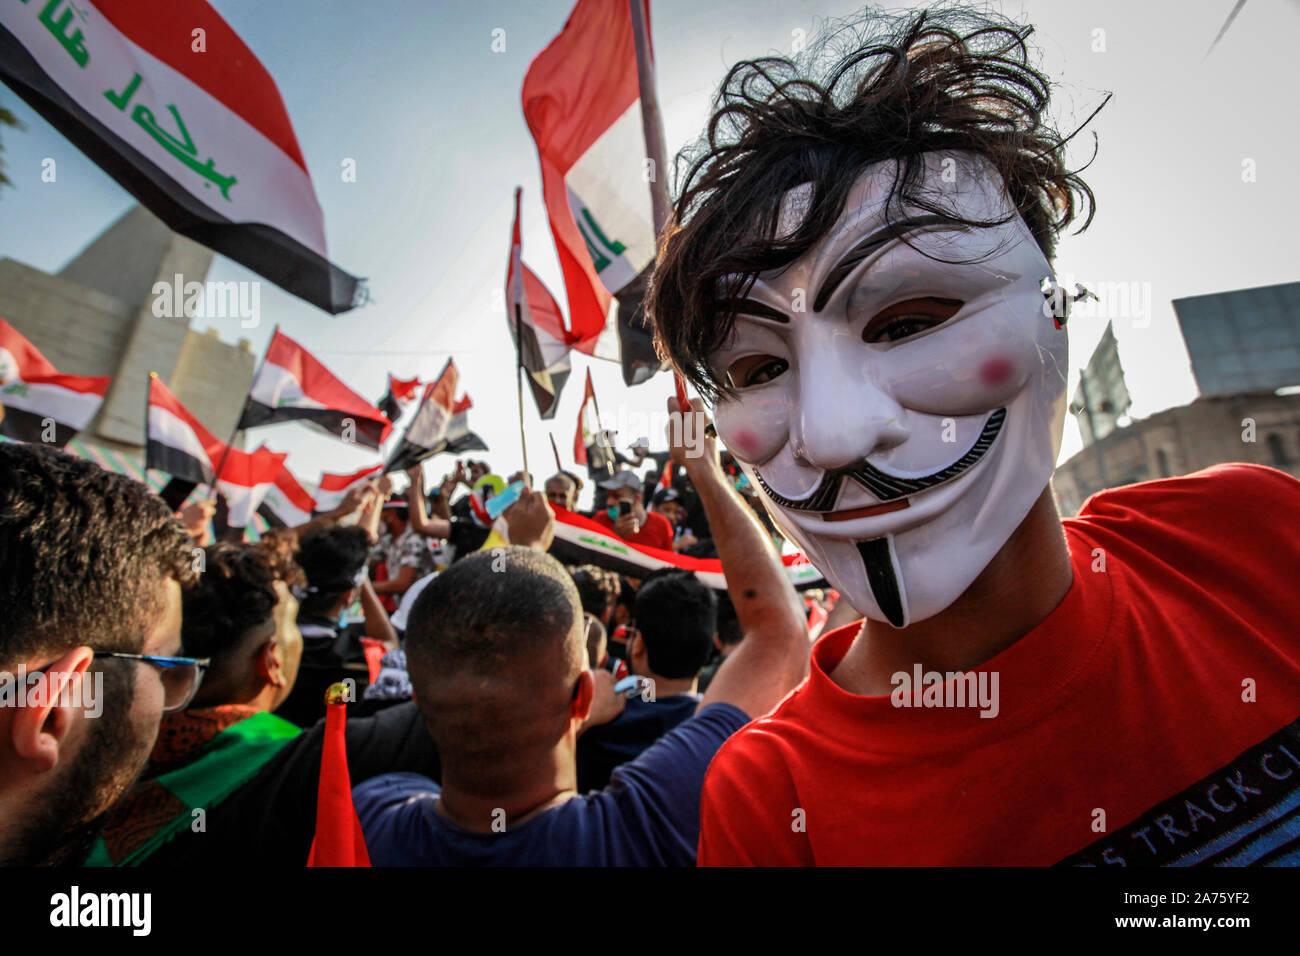 Baghdad in Iraq. 30 ott 2019. Un iracheno chi indossa la maschera di Guy Fawkes unisce persone sventolare la bandiera irachena durante un governo anti-dimostrazione a Piazza Liberazione. Manifestanti iracheni il mercoledì ha respinto le dichiarazioni di leader di al Parlamento il principale rivale di blocchi di lavorare insieme per rovesciare il governo attuale in un tentativo di placare questo mese di disordini, e hanno ribadito le loro richieste, comprese la cacciata del parlamento, elezioni anticipate e riforme legislative e costituzionali. Credito: Ameer Al Mohammedaw/dpa/Alamy Live News Foto Stock